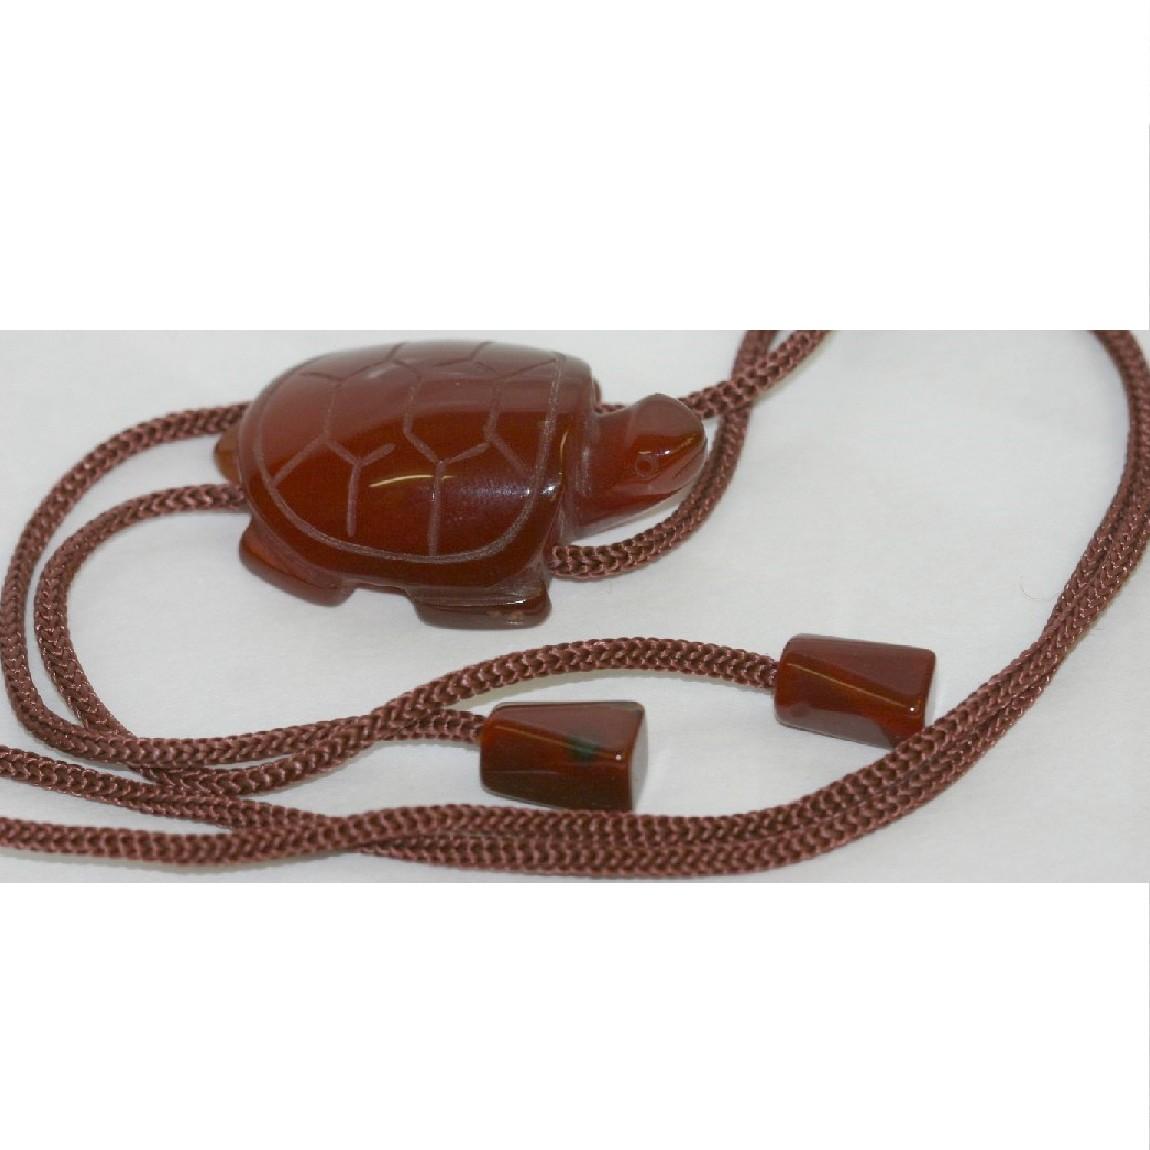 本物綺麗紳士用亀の形の紅玉髄 カーネリアン のループタイ W3H4 6D1 9cm ○B12 2vwOnPmN0y8